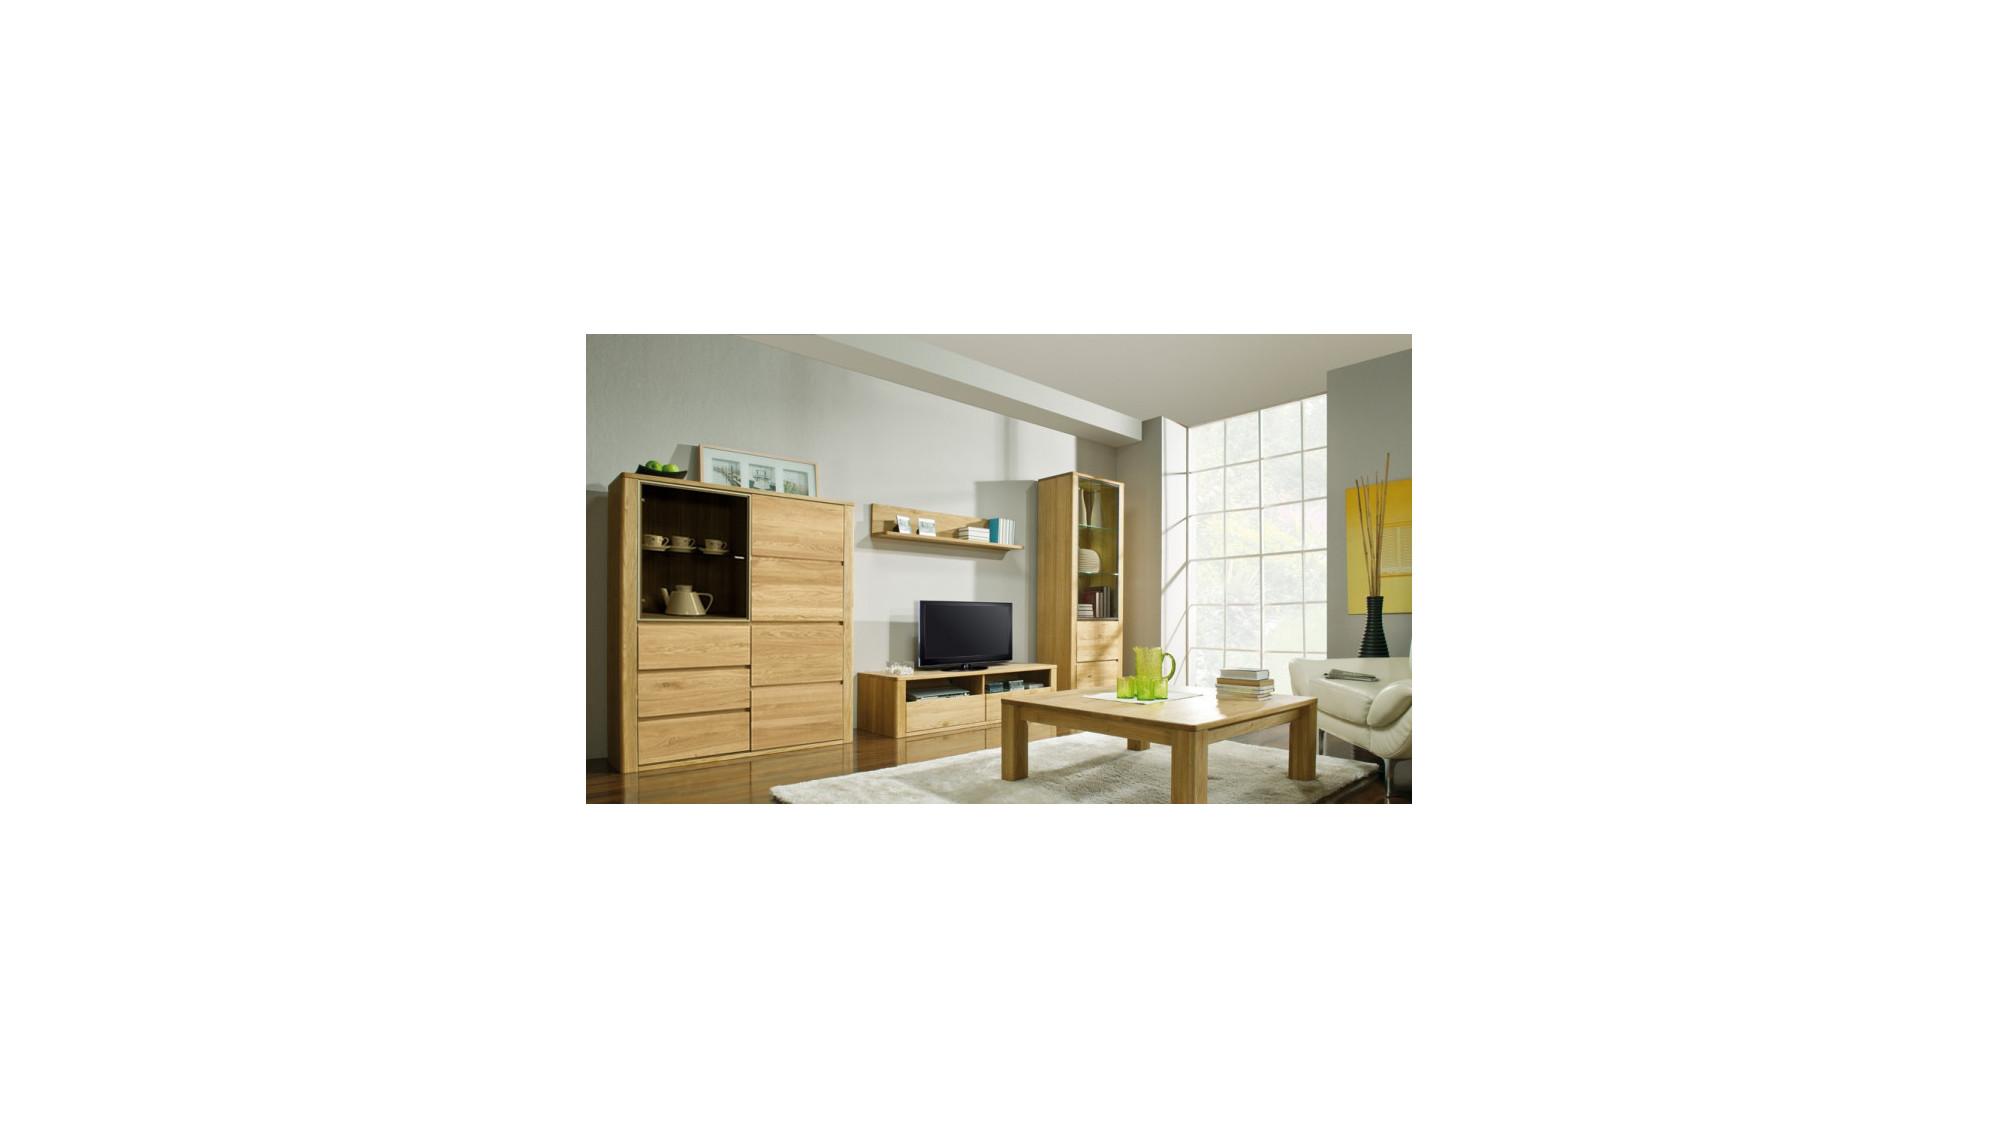 wohnwand aus eiche massiv nice. Black Bedroom Furniture Sets. Home Design Ideas